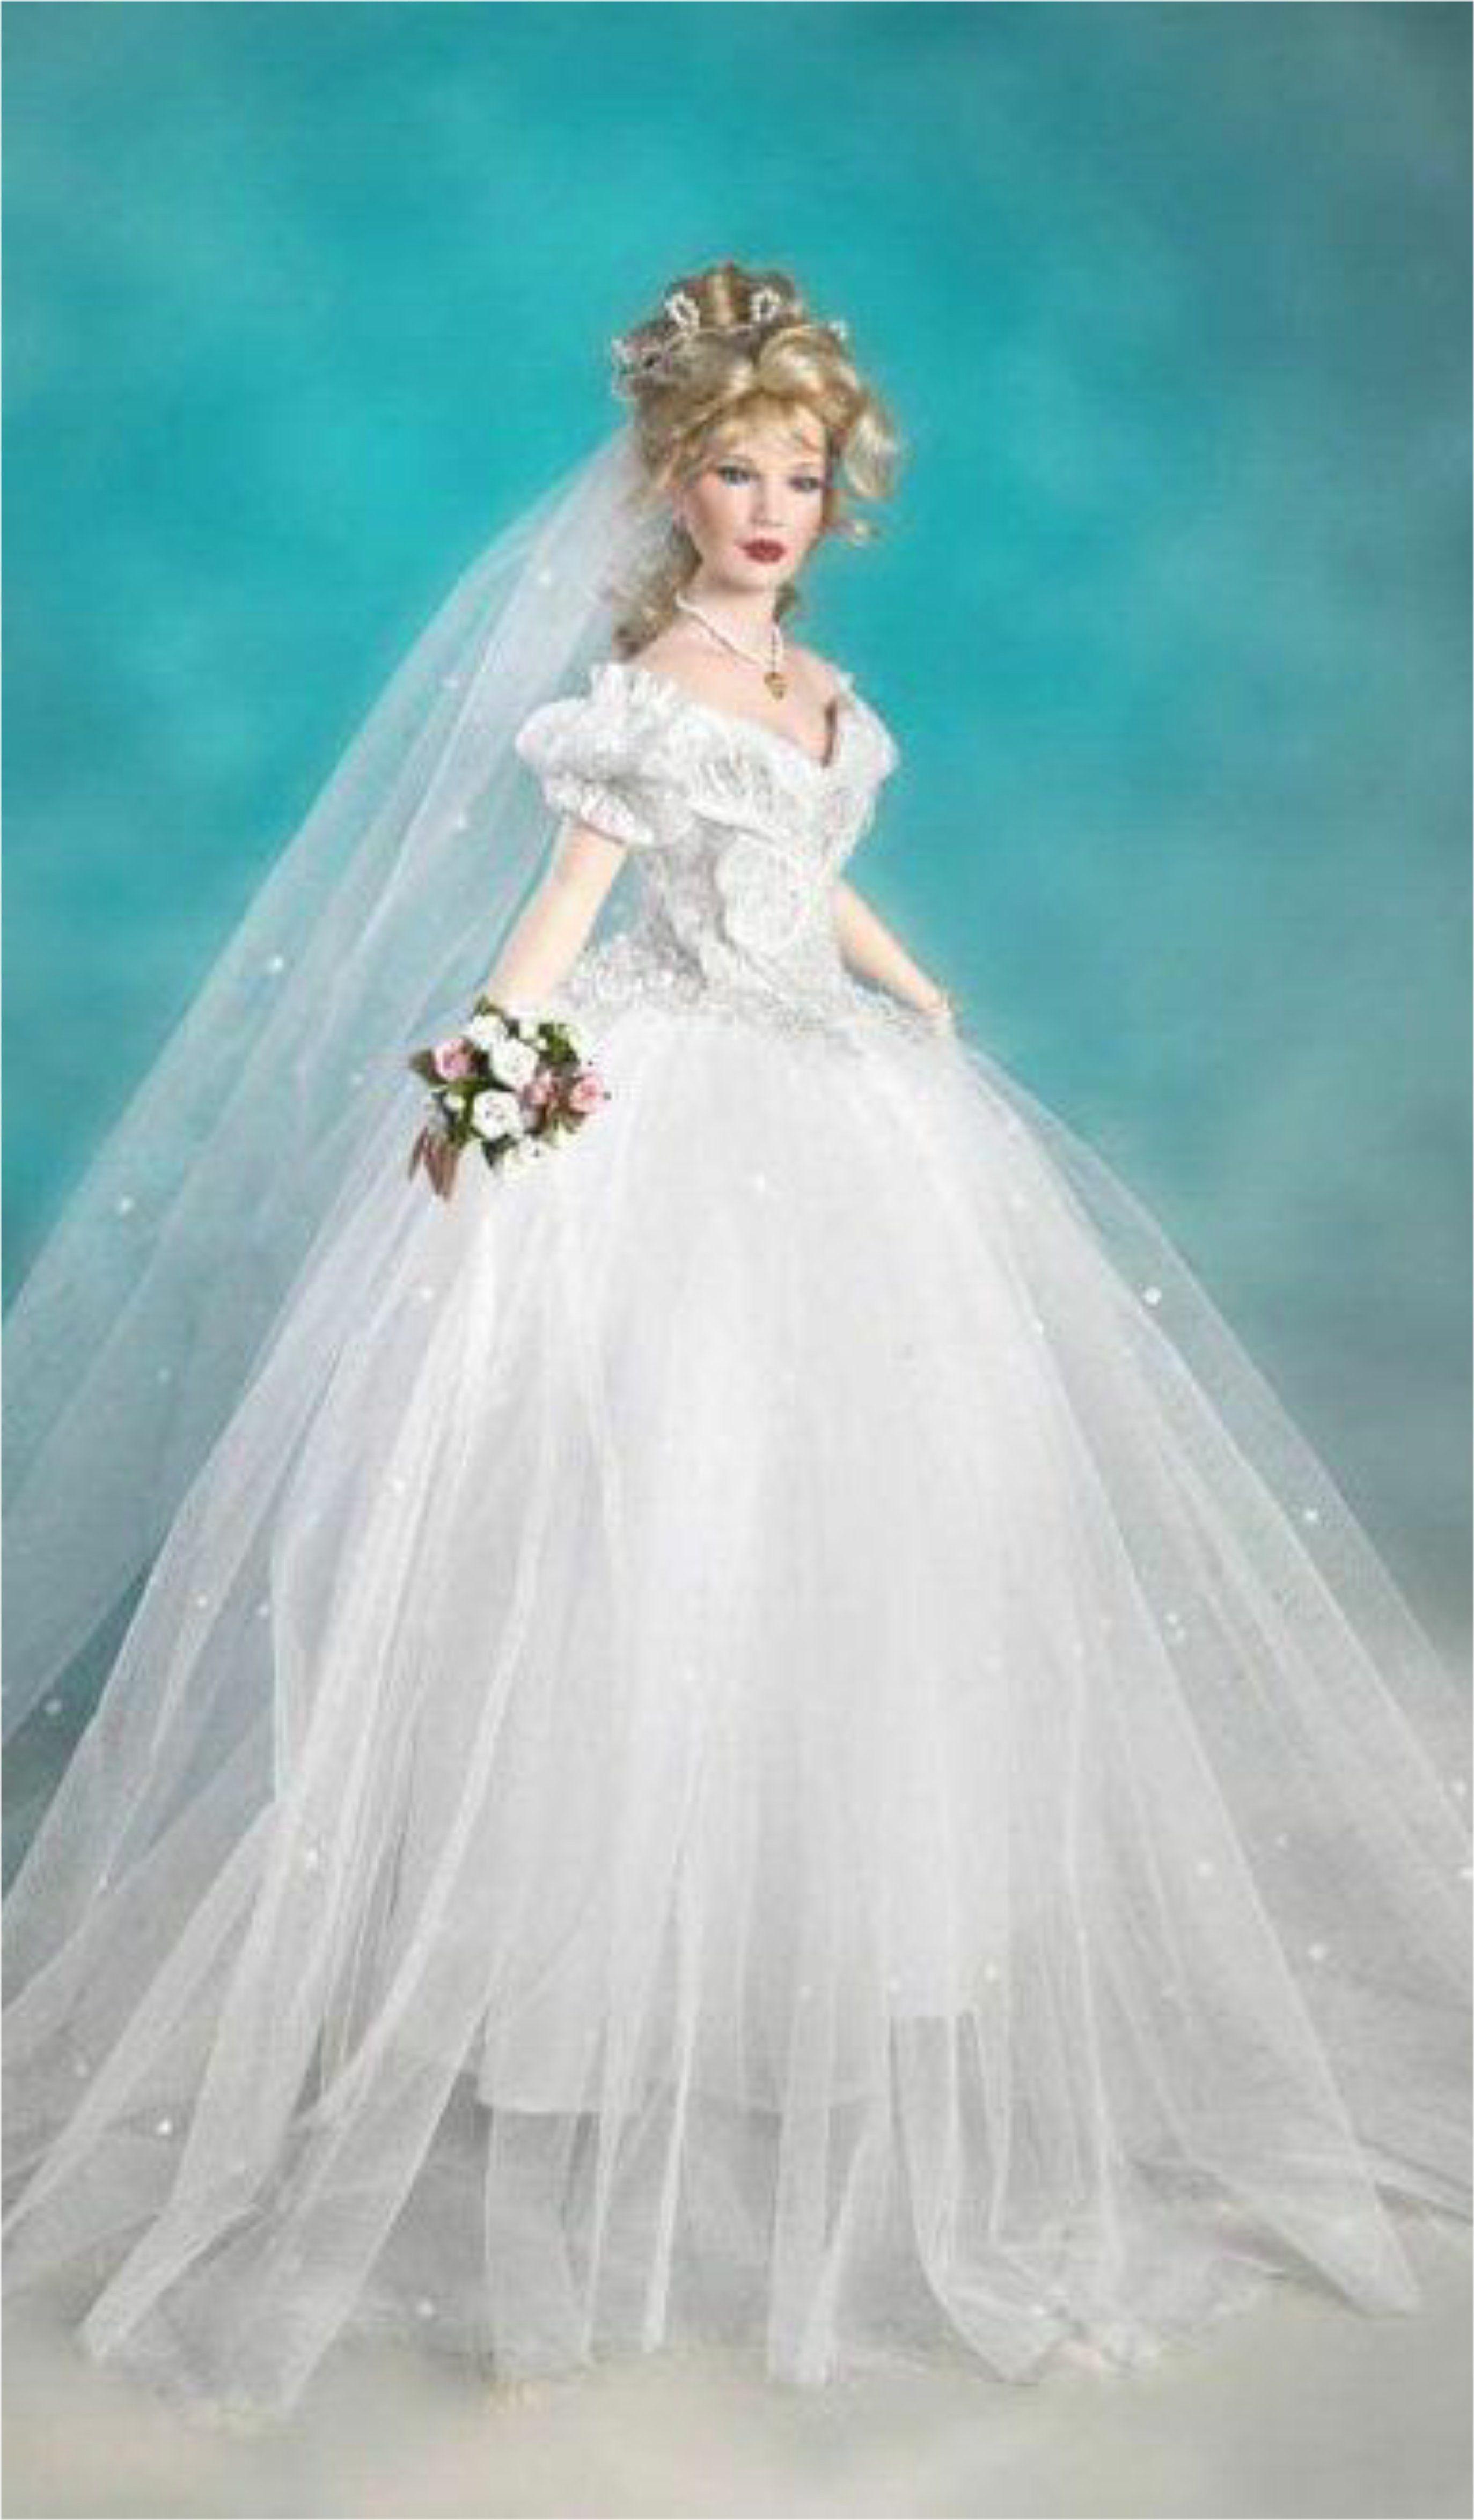 Pin de Monica Bru en Bride dolls. | Pinterest | Barbie, Novios y Muñecas